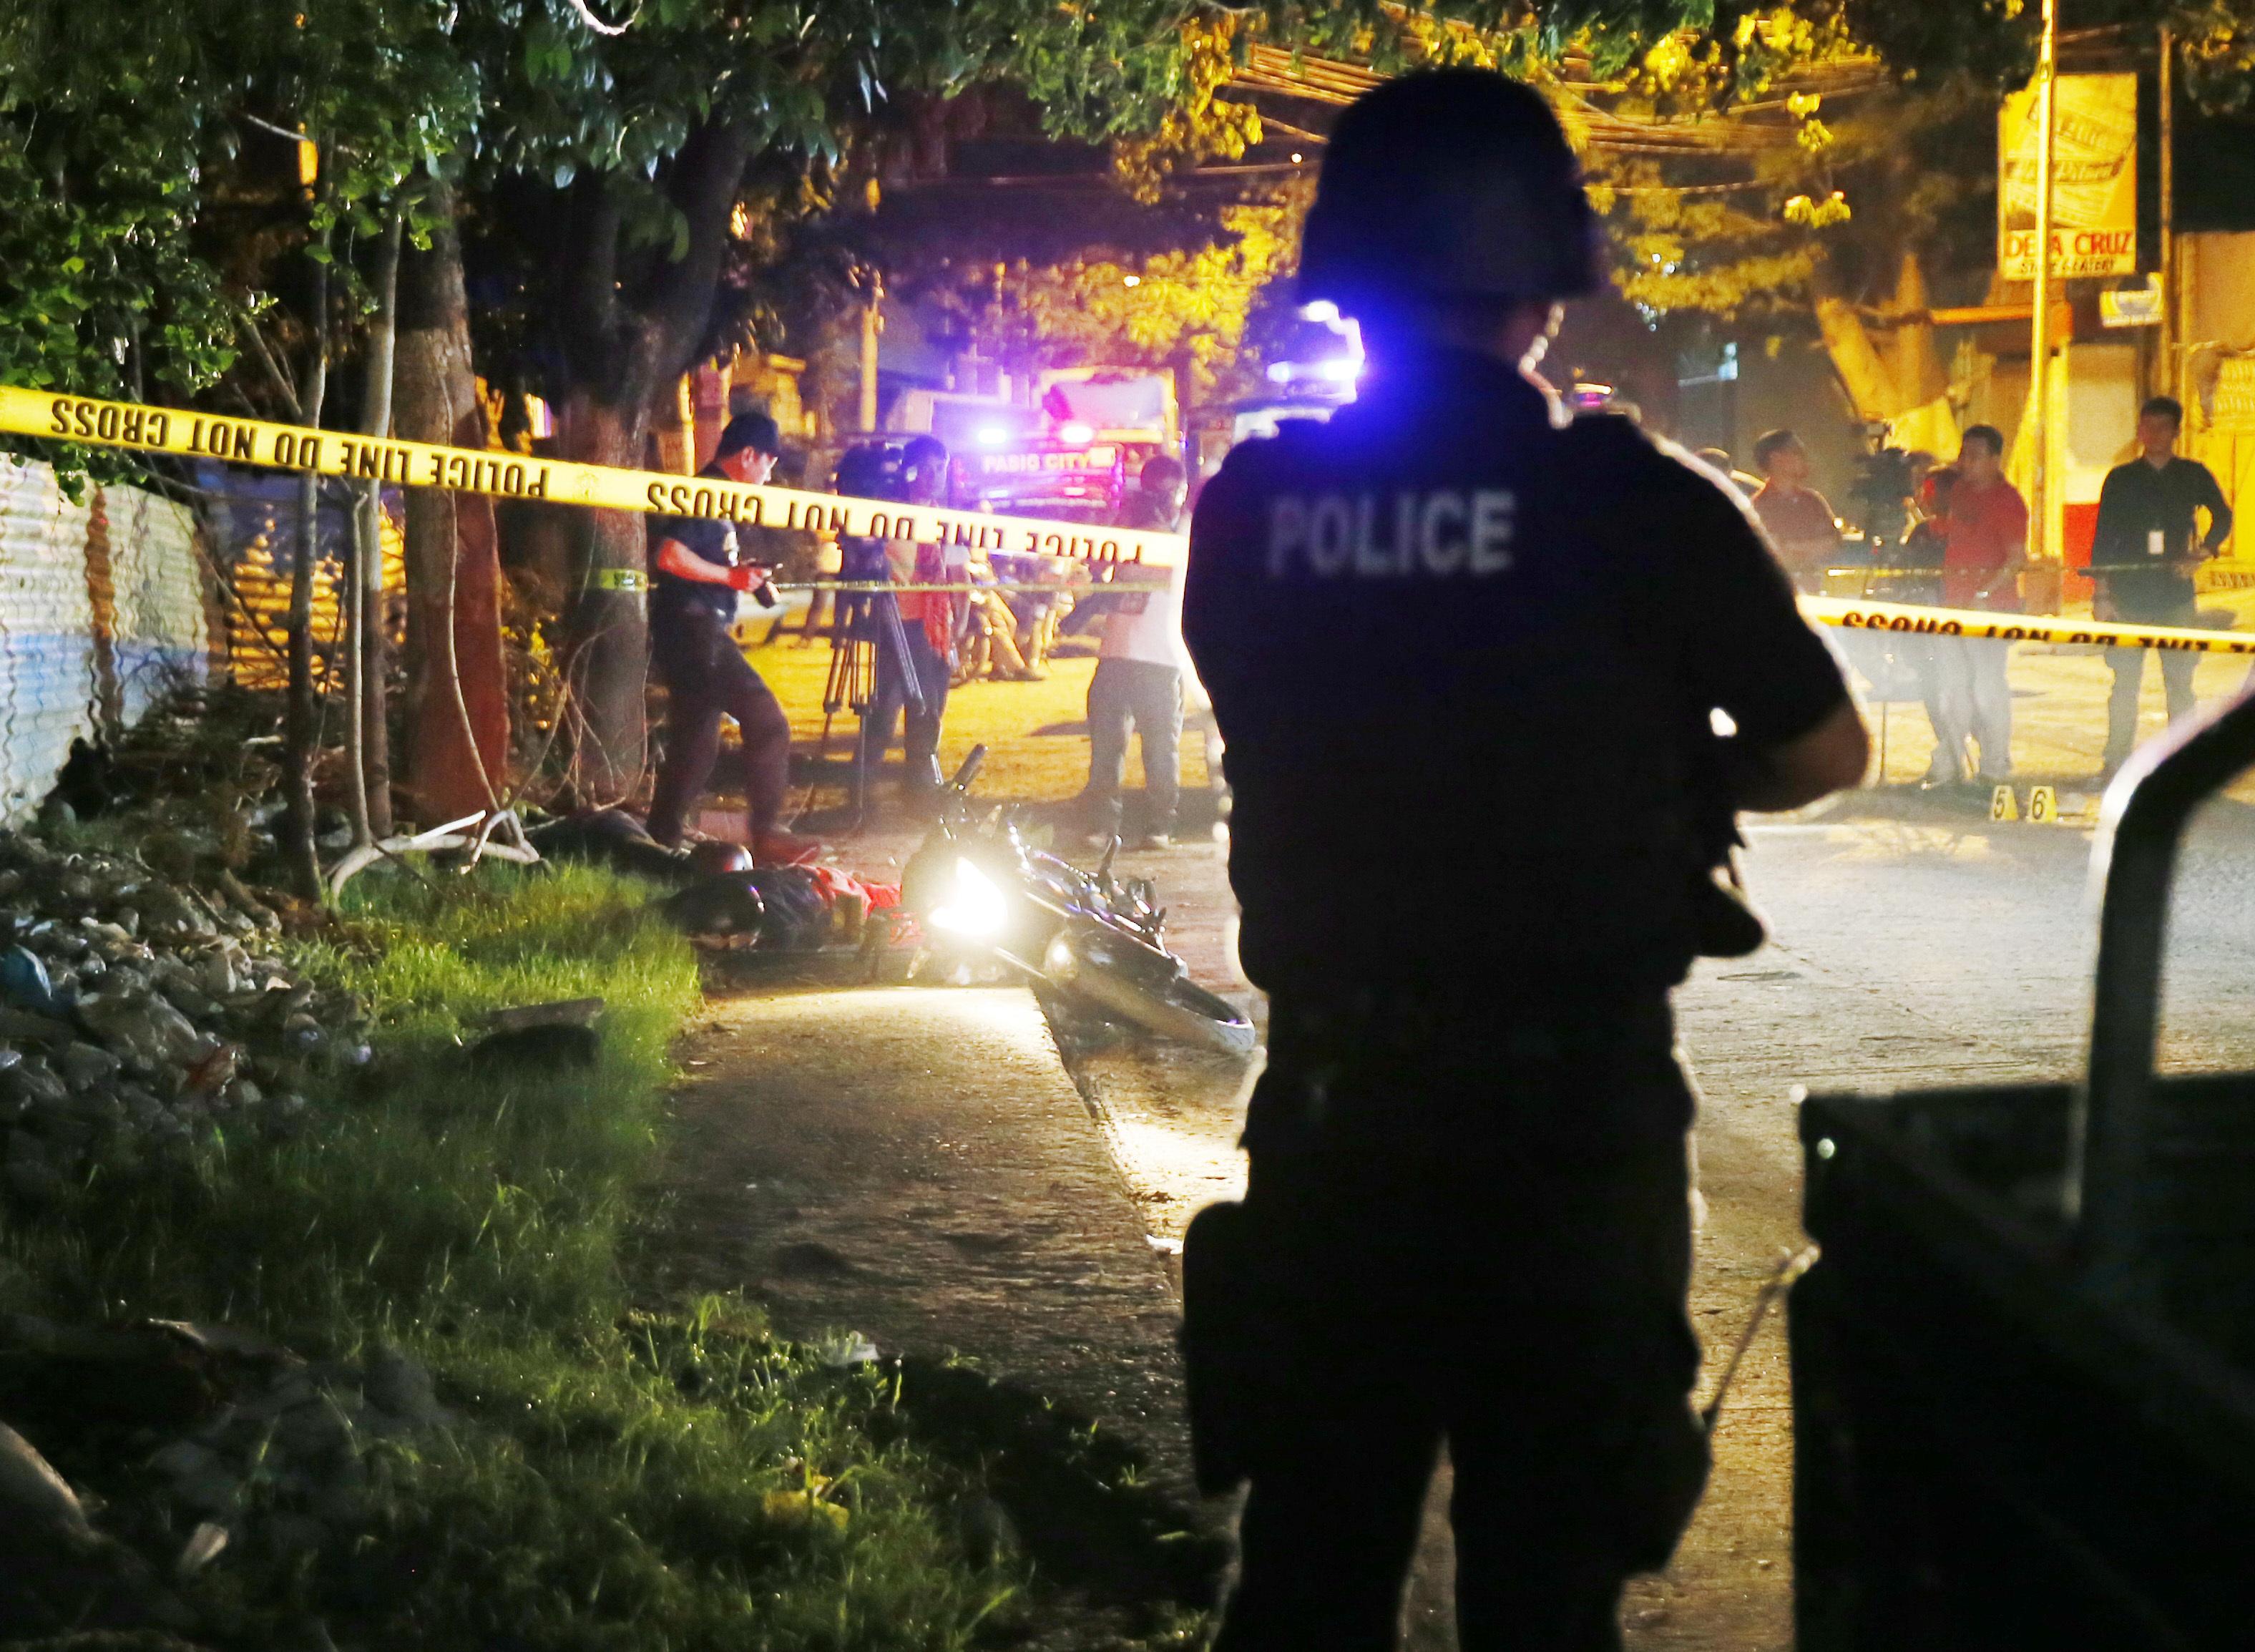 Victima inocenta a razboiului impotriva drogurilor din Filipine. O fetita zace, impuscata, pe strada, langa papusa ei Barbie